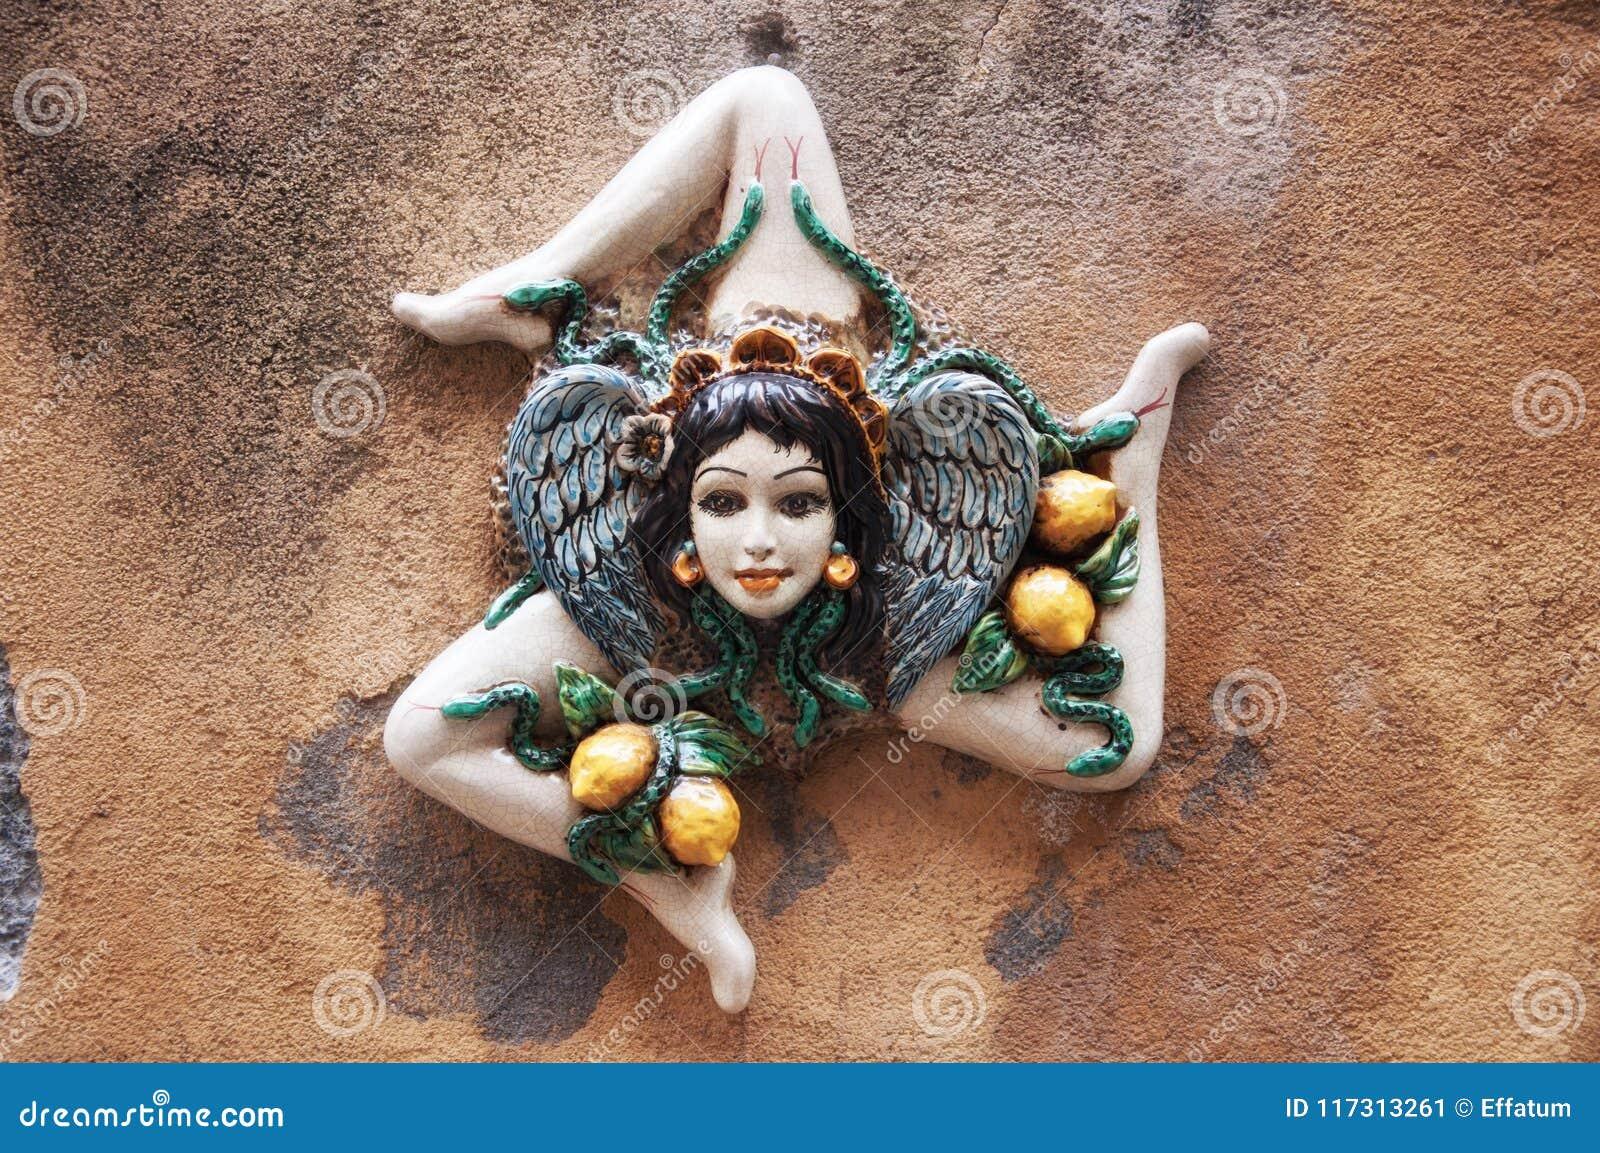 Angel Taormina Nude Photos 25